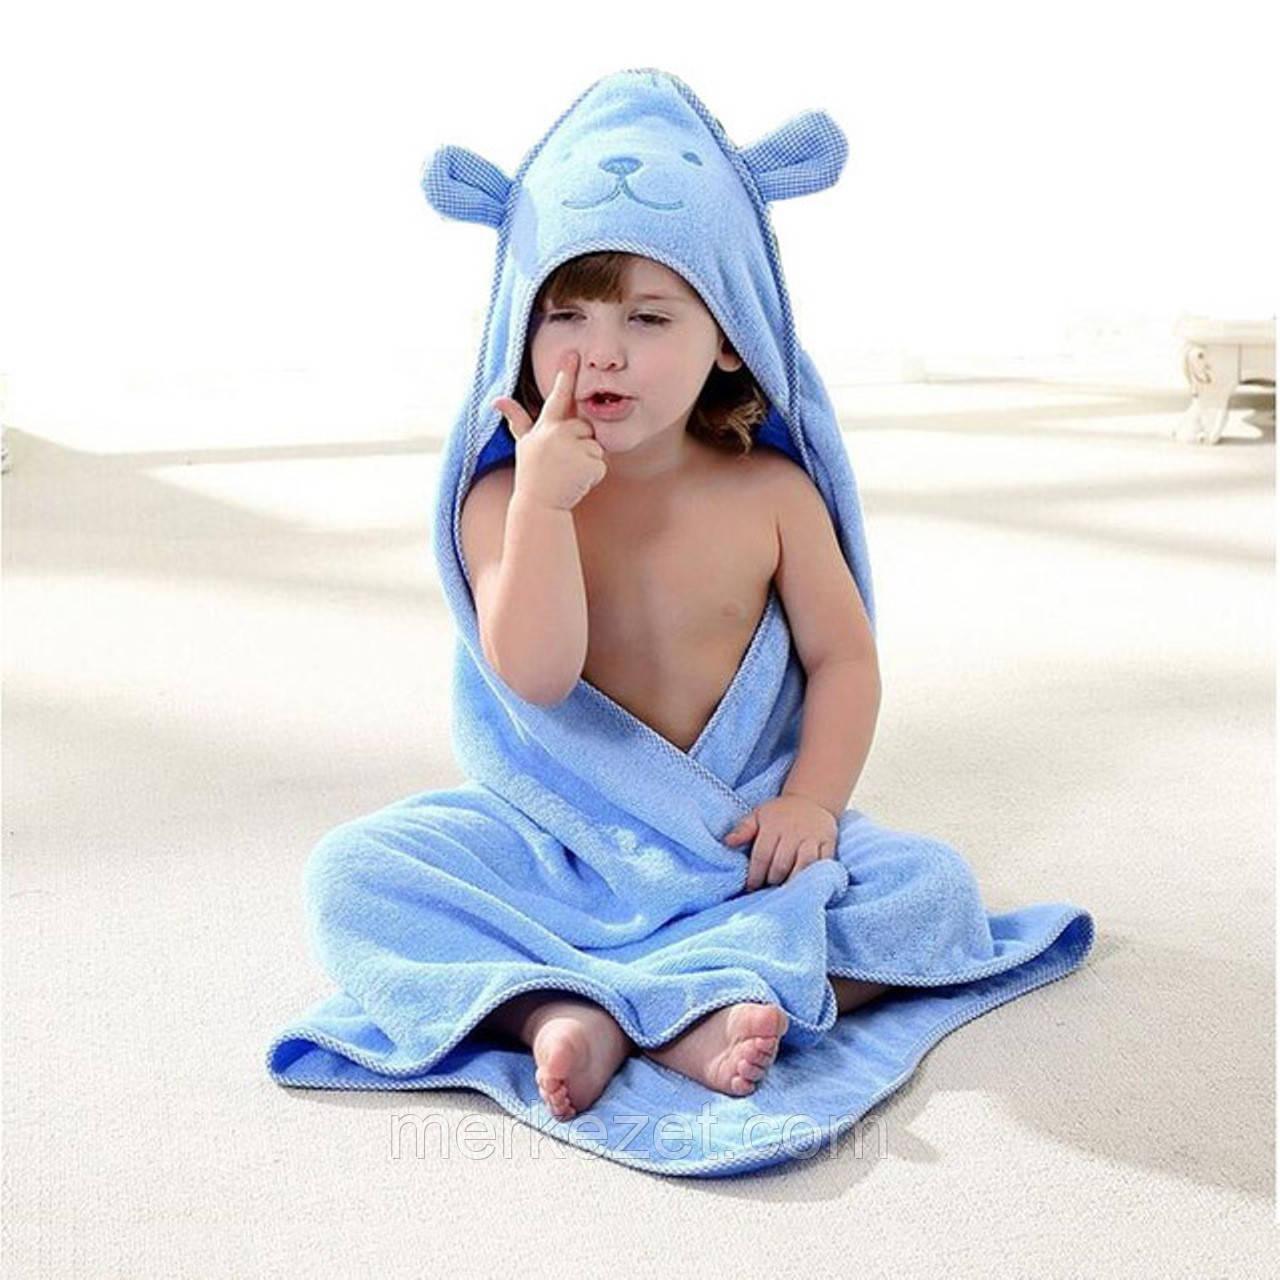 """Детский уголок для купания. """"Сазам"""". Уголок детский с капюшоном для купания. Пончо"""